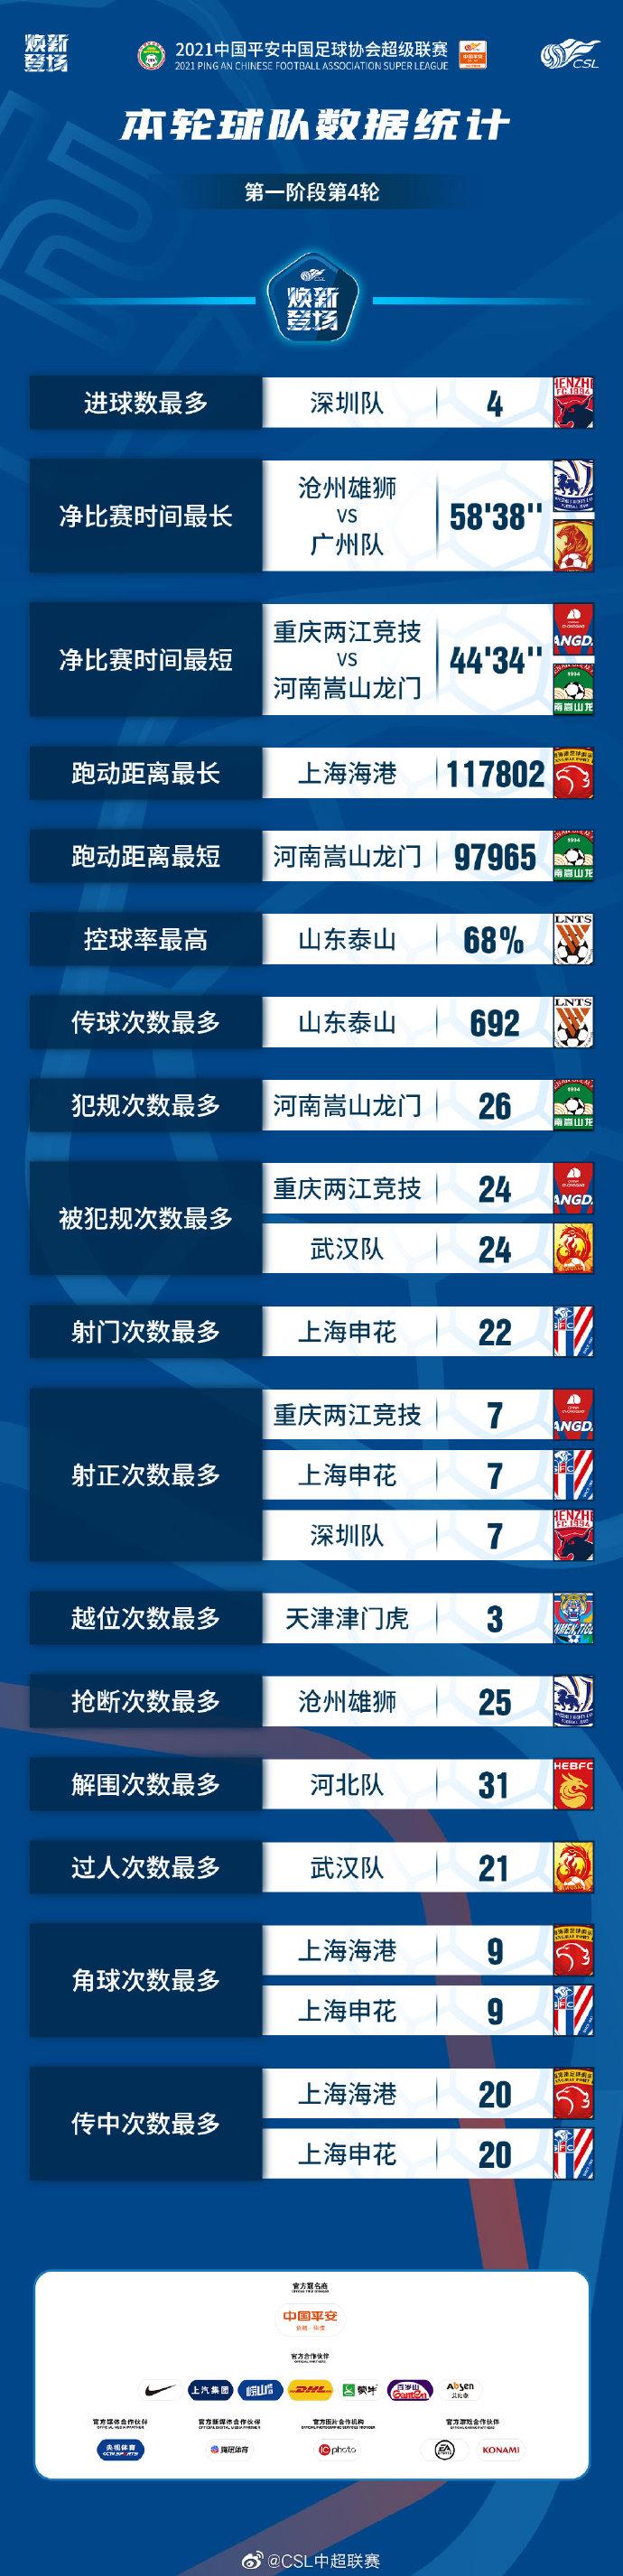 中超第四轮球队数据:泰山传控数据居首,申花射门最多